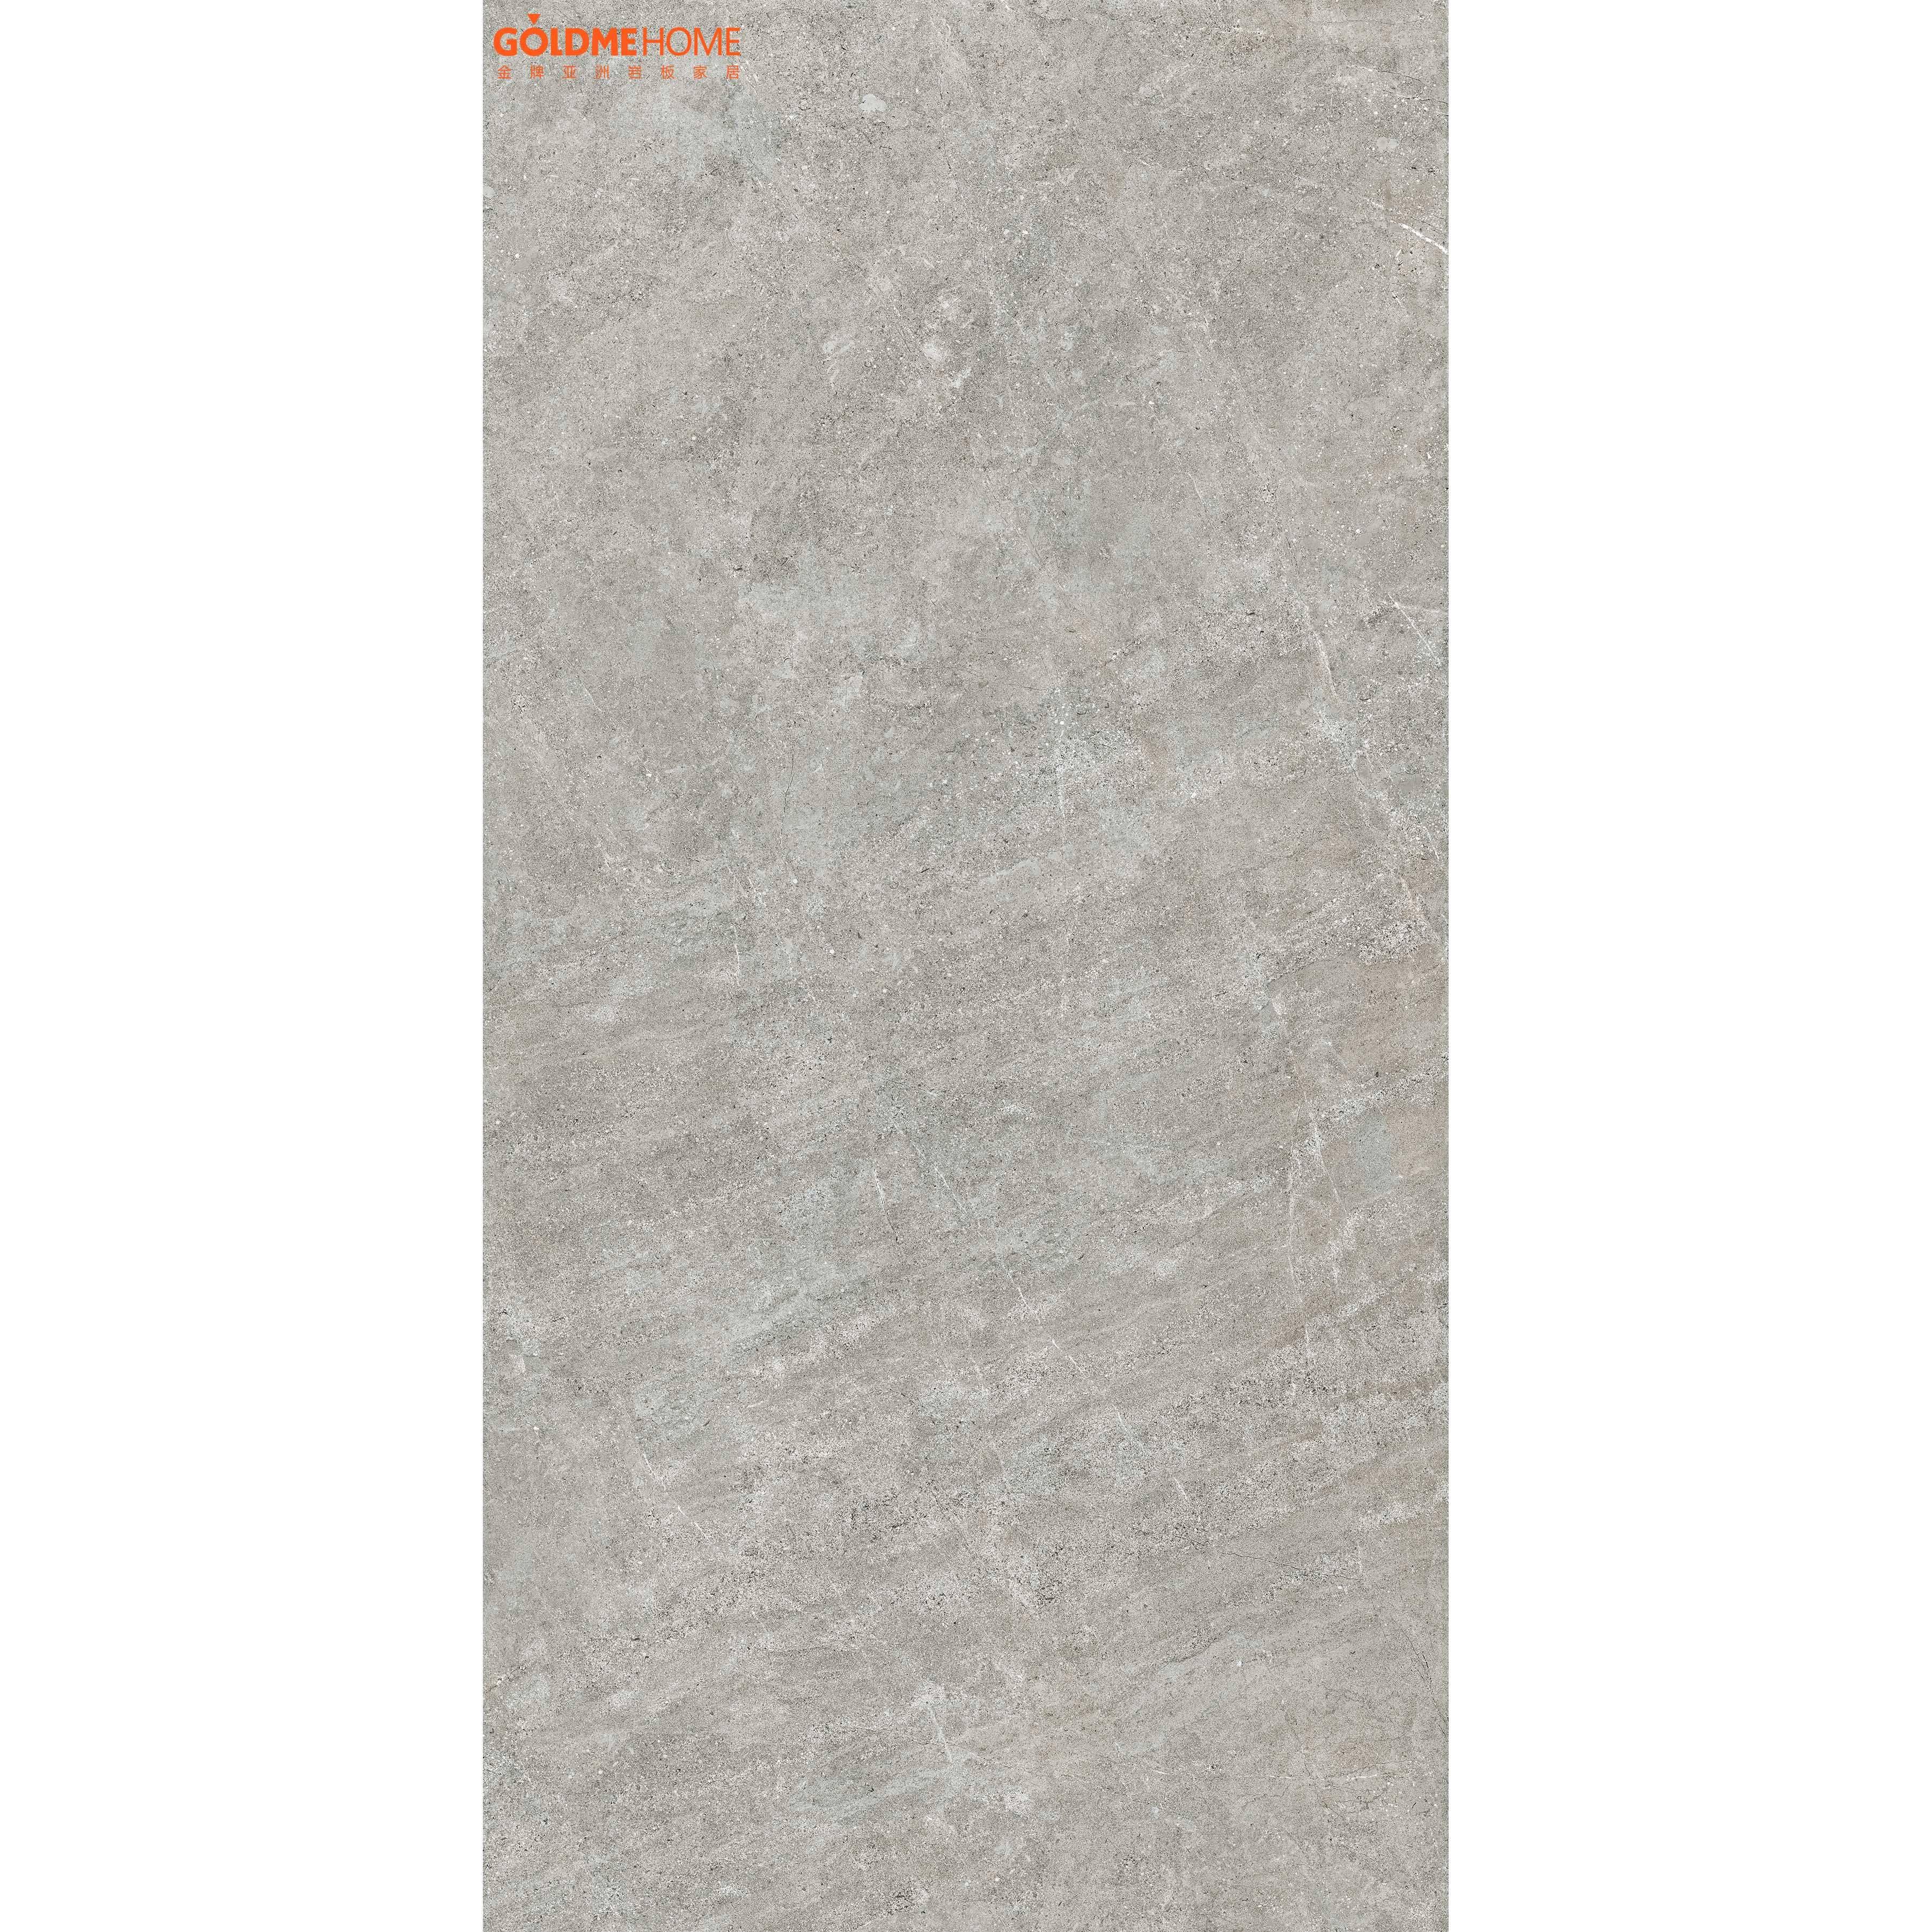 卢加诺水泥高级灰